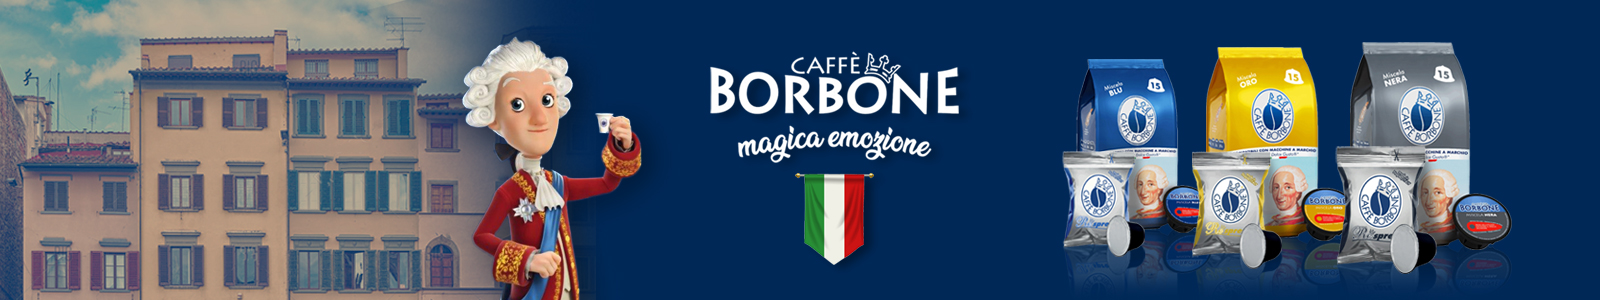 borbone coffe